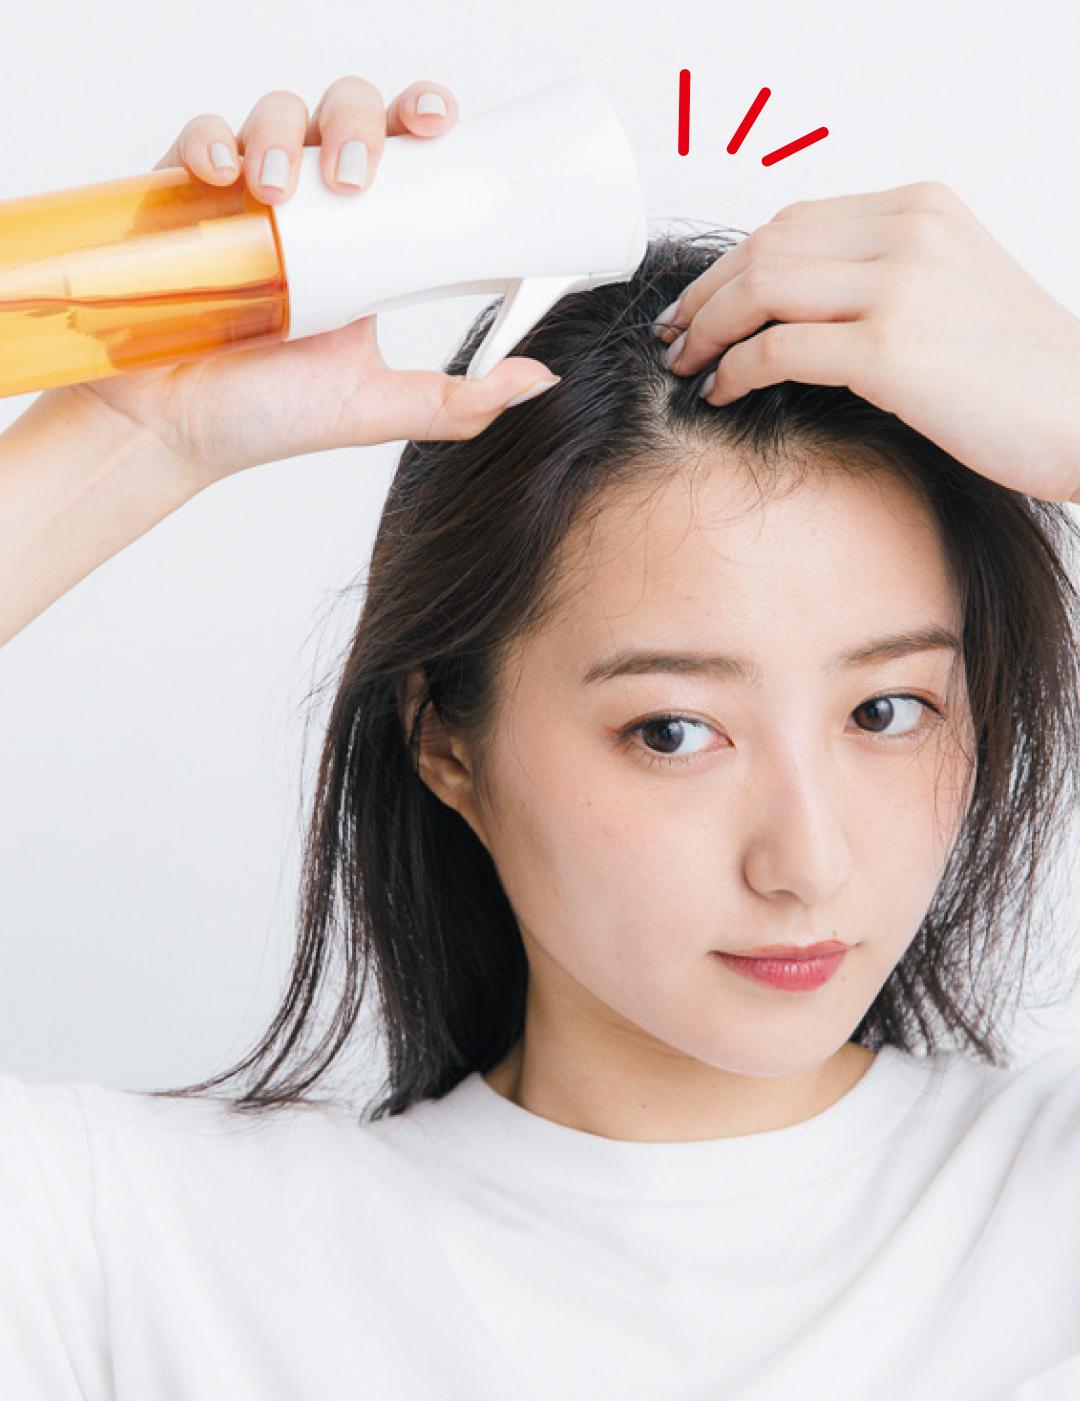 前髪がぱっくり割れてる、寝グセがヤバい…朝の髪形悩み、解決策5選!_1_7